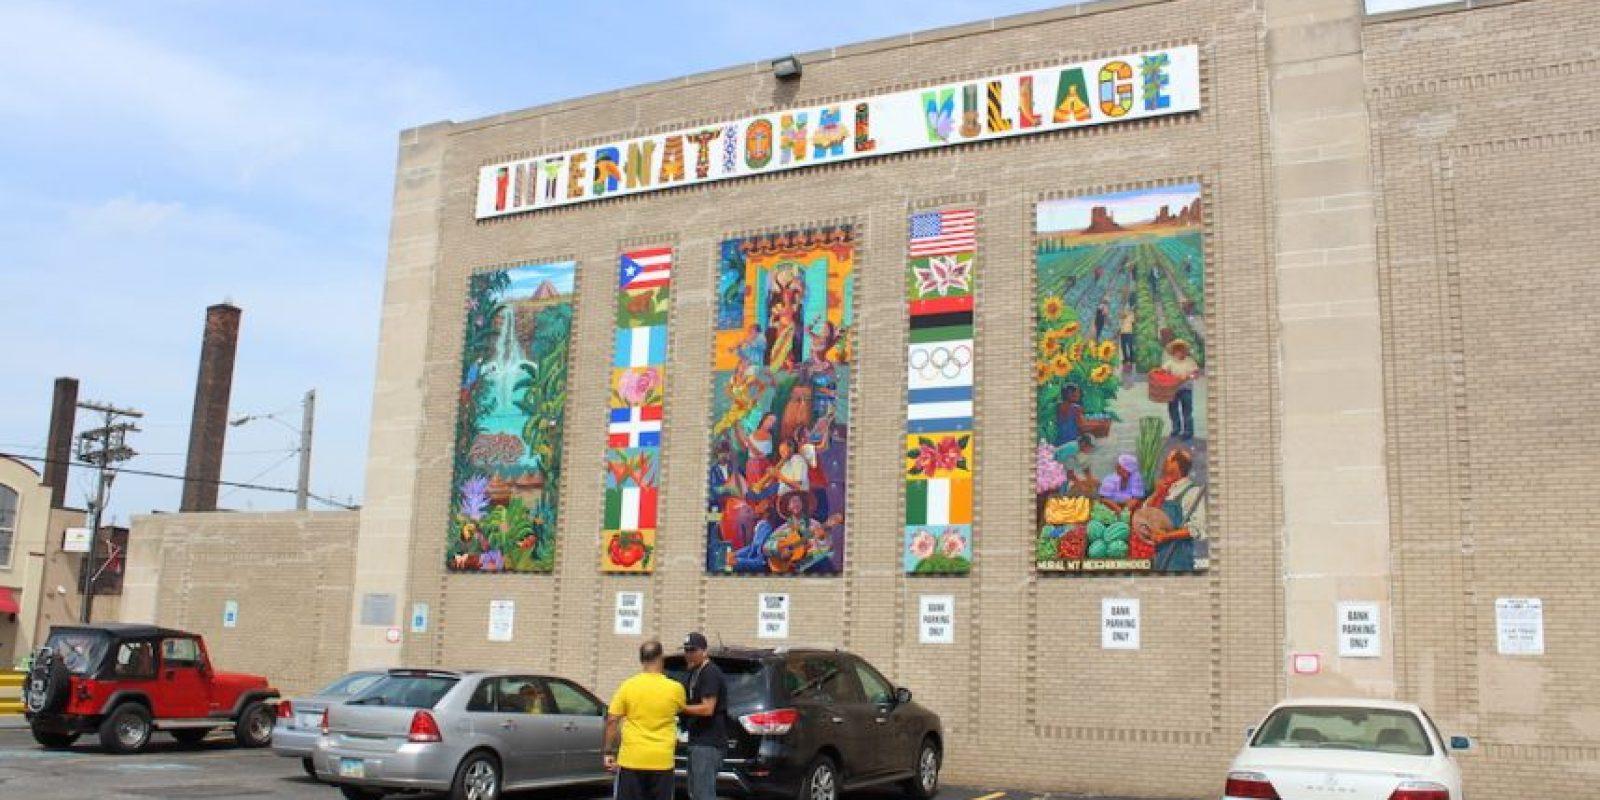 De acuerdo al censo de 2010, Ohio es el décimo estado con más población de puertorriqueños. Foto:David Cordero. Imagen Por: